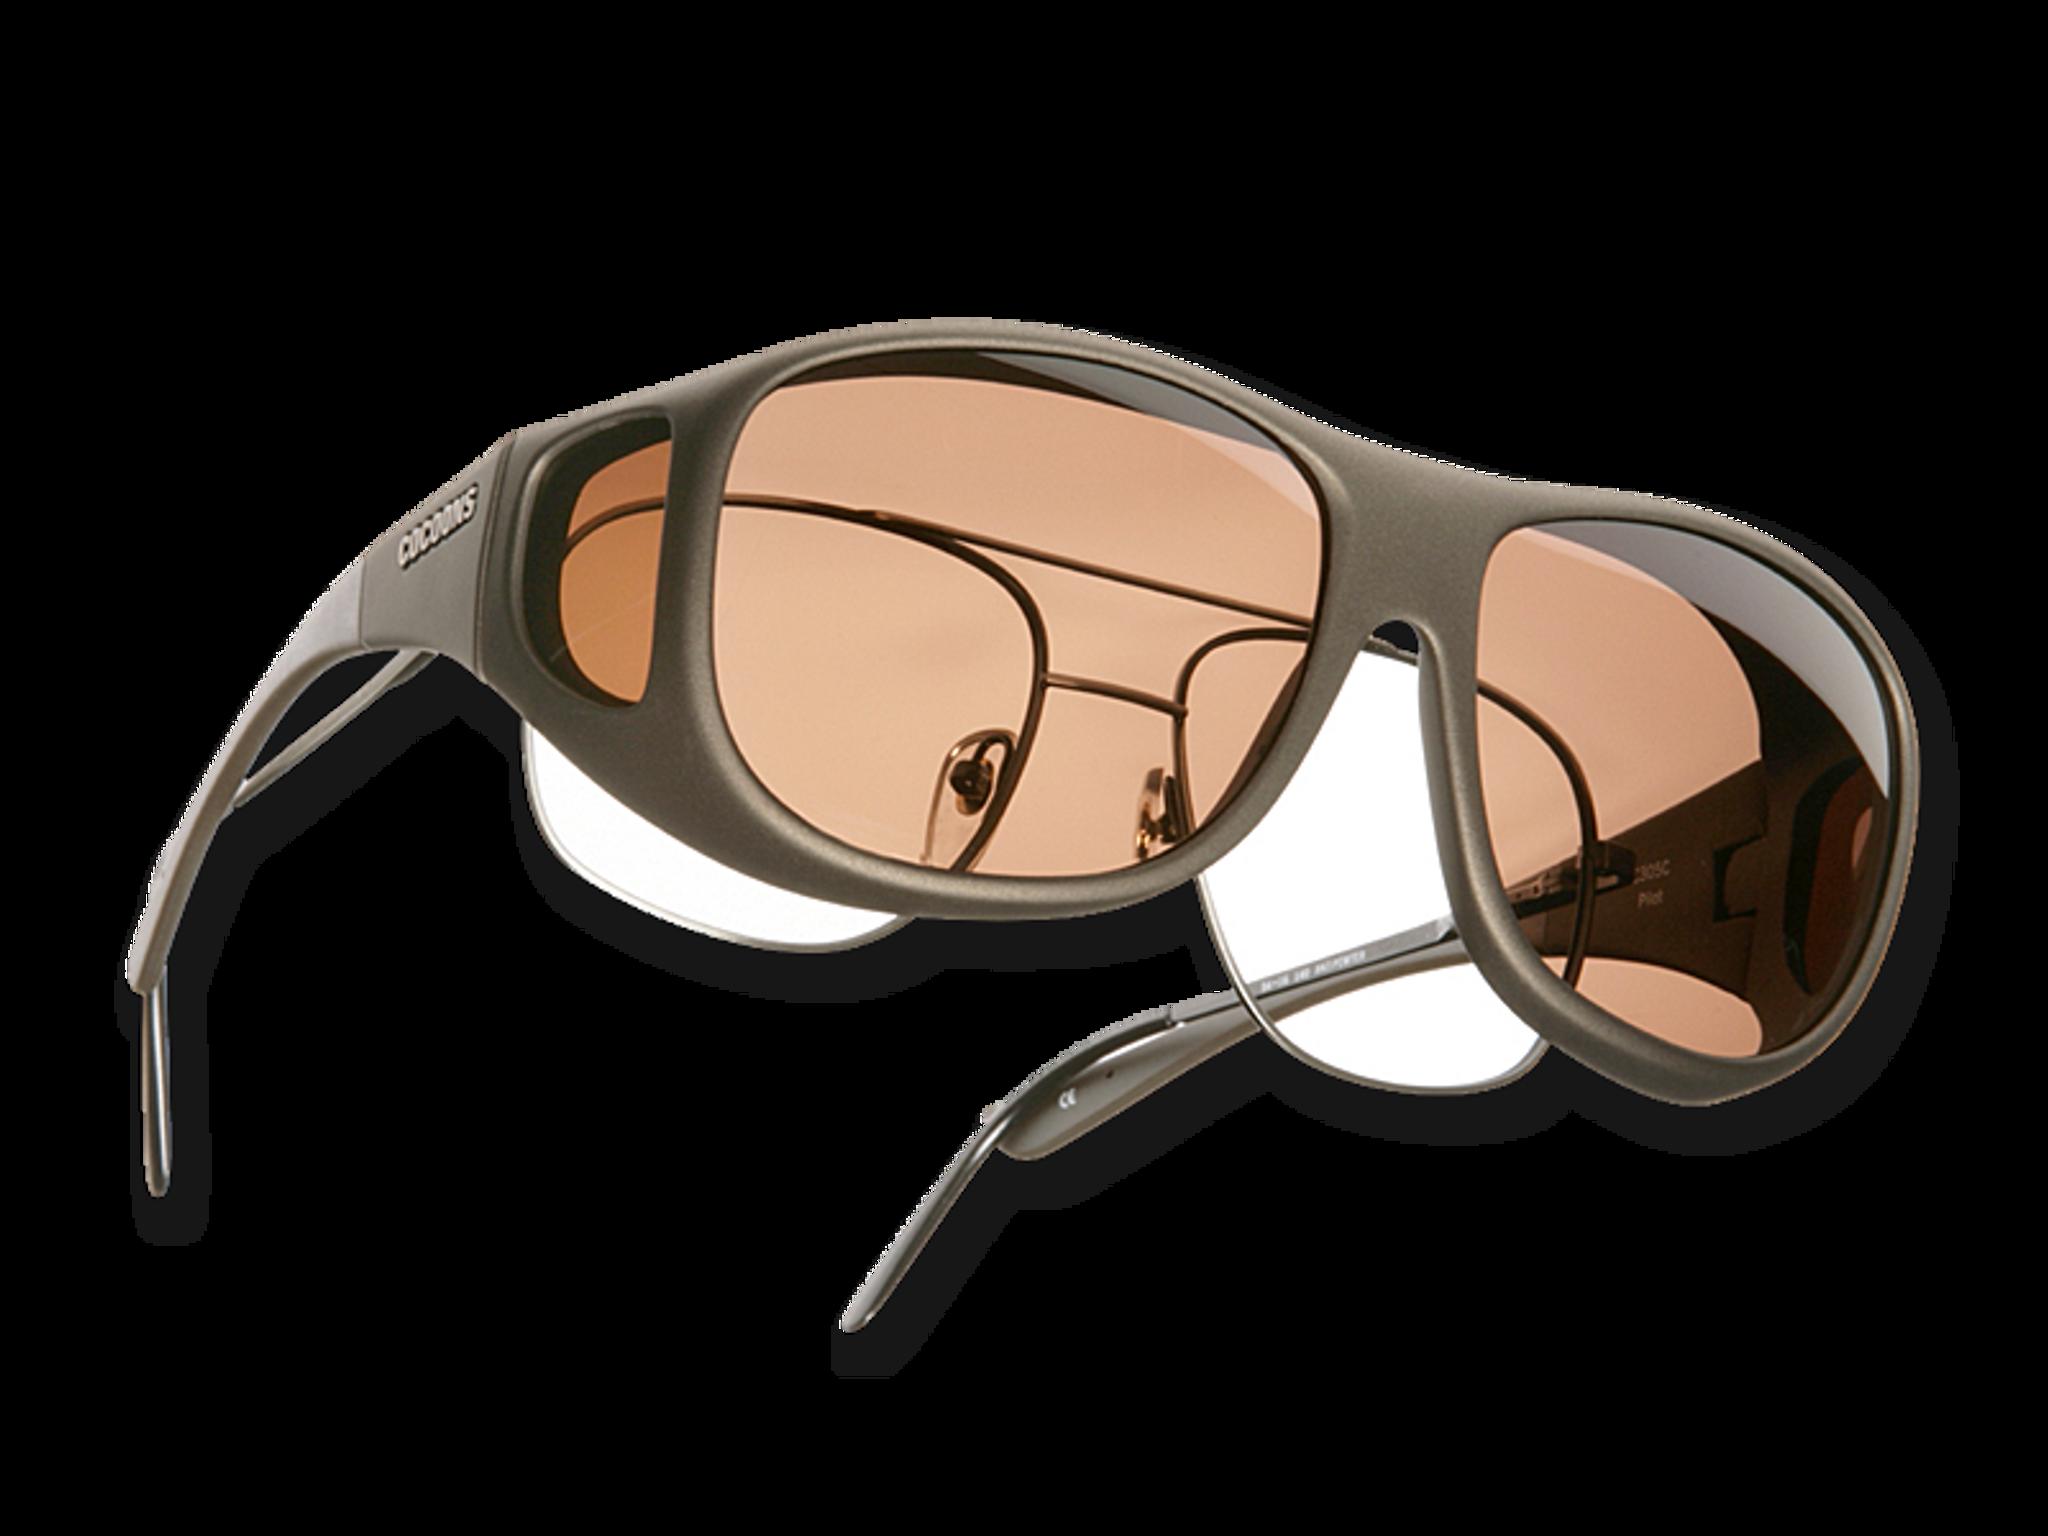 1a0eac943342 ... Slim Line (M) Cocoon OveRx Sunglasses - Pilot (L) ...